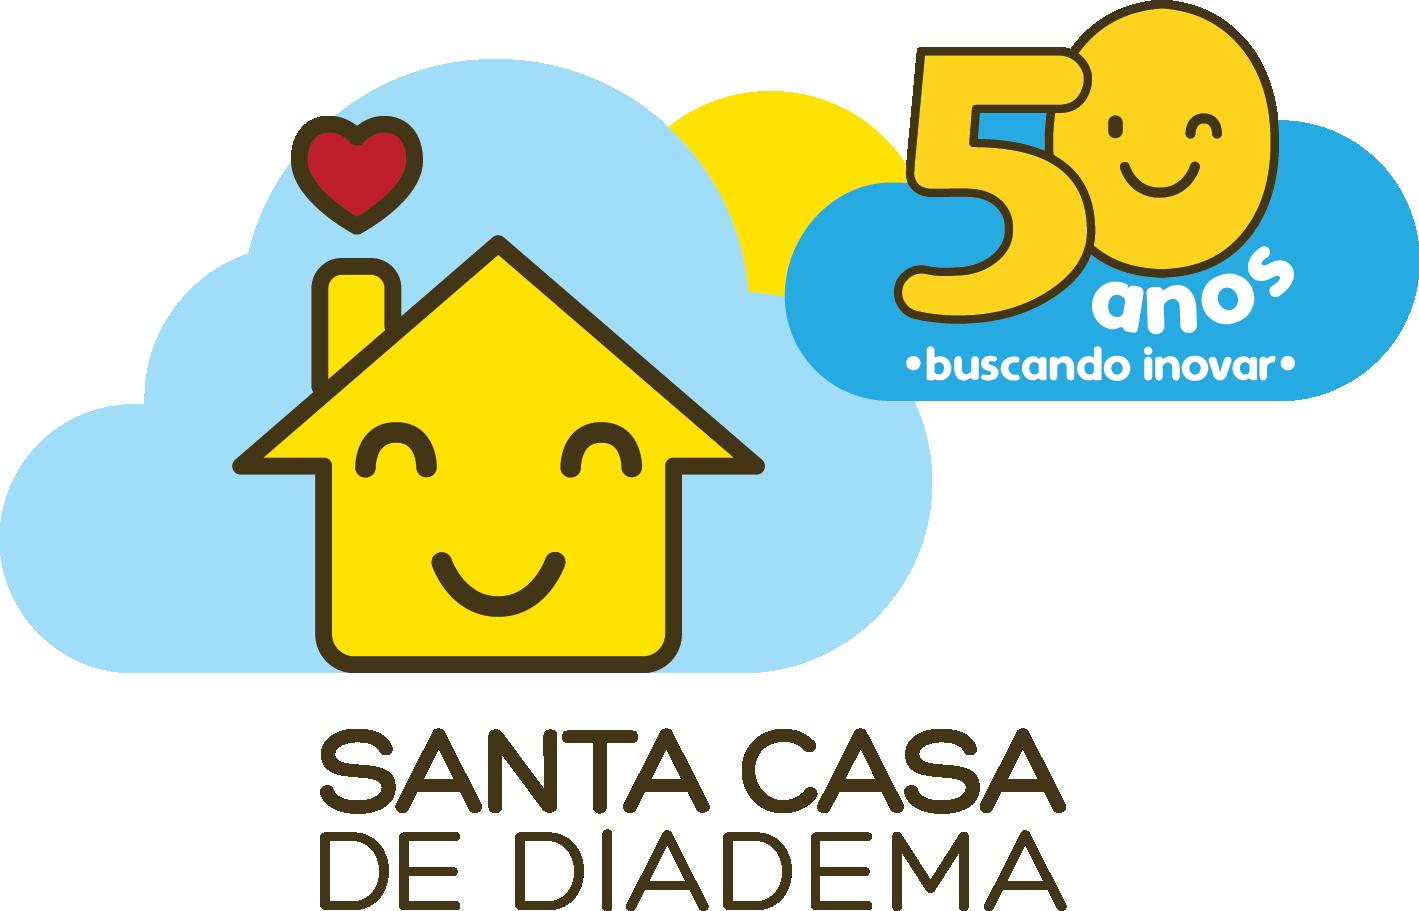 Santa Casa de Diadema